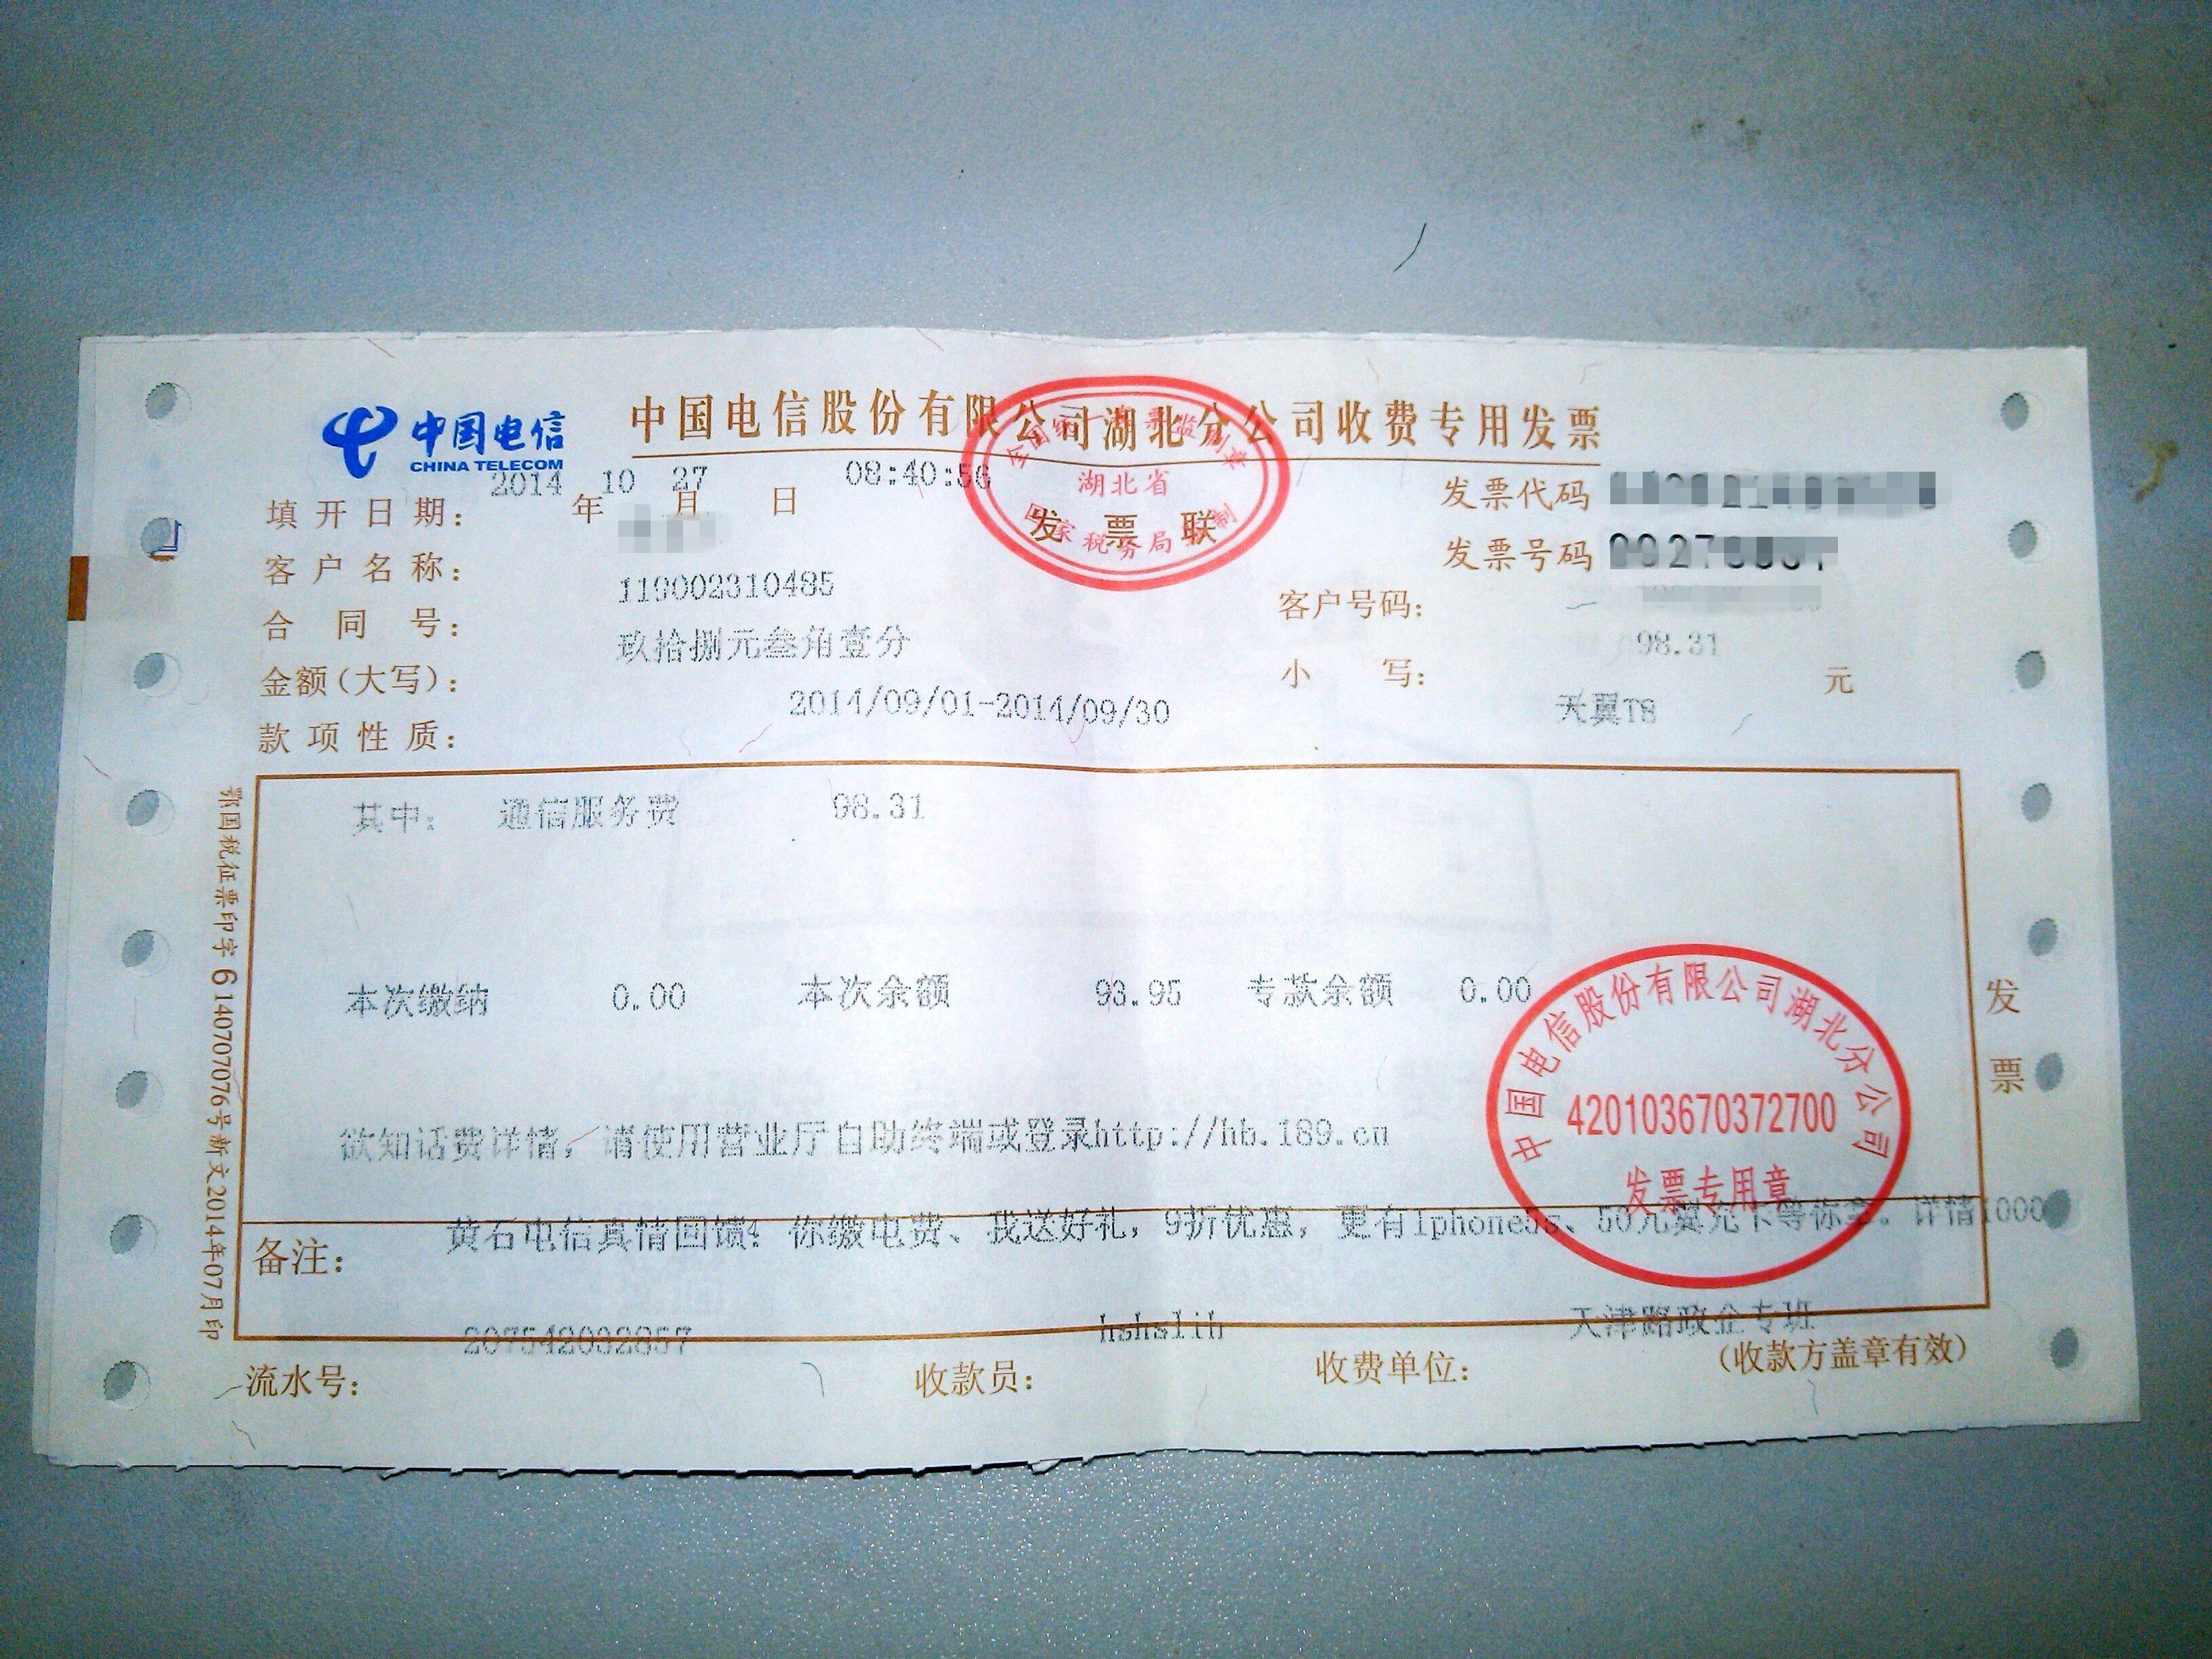 中国电信税制改革后发票样本如图